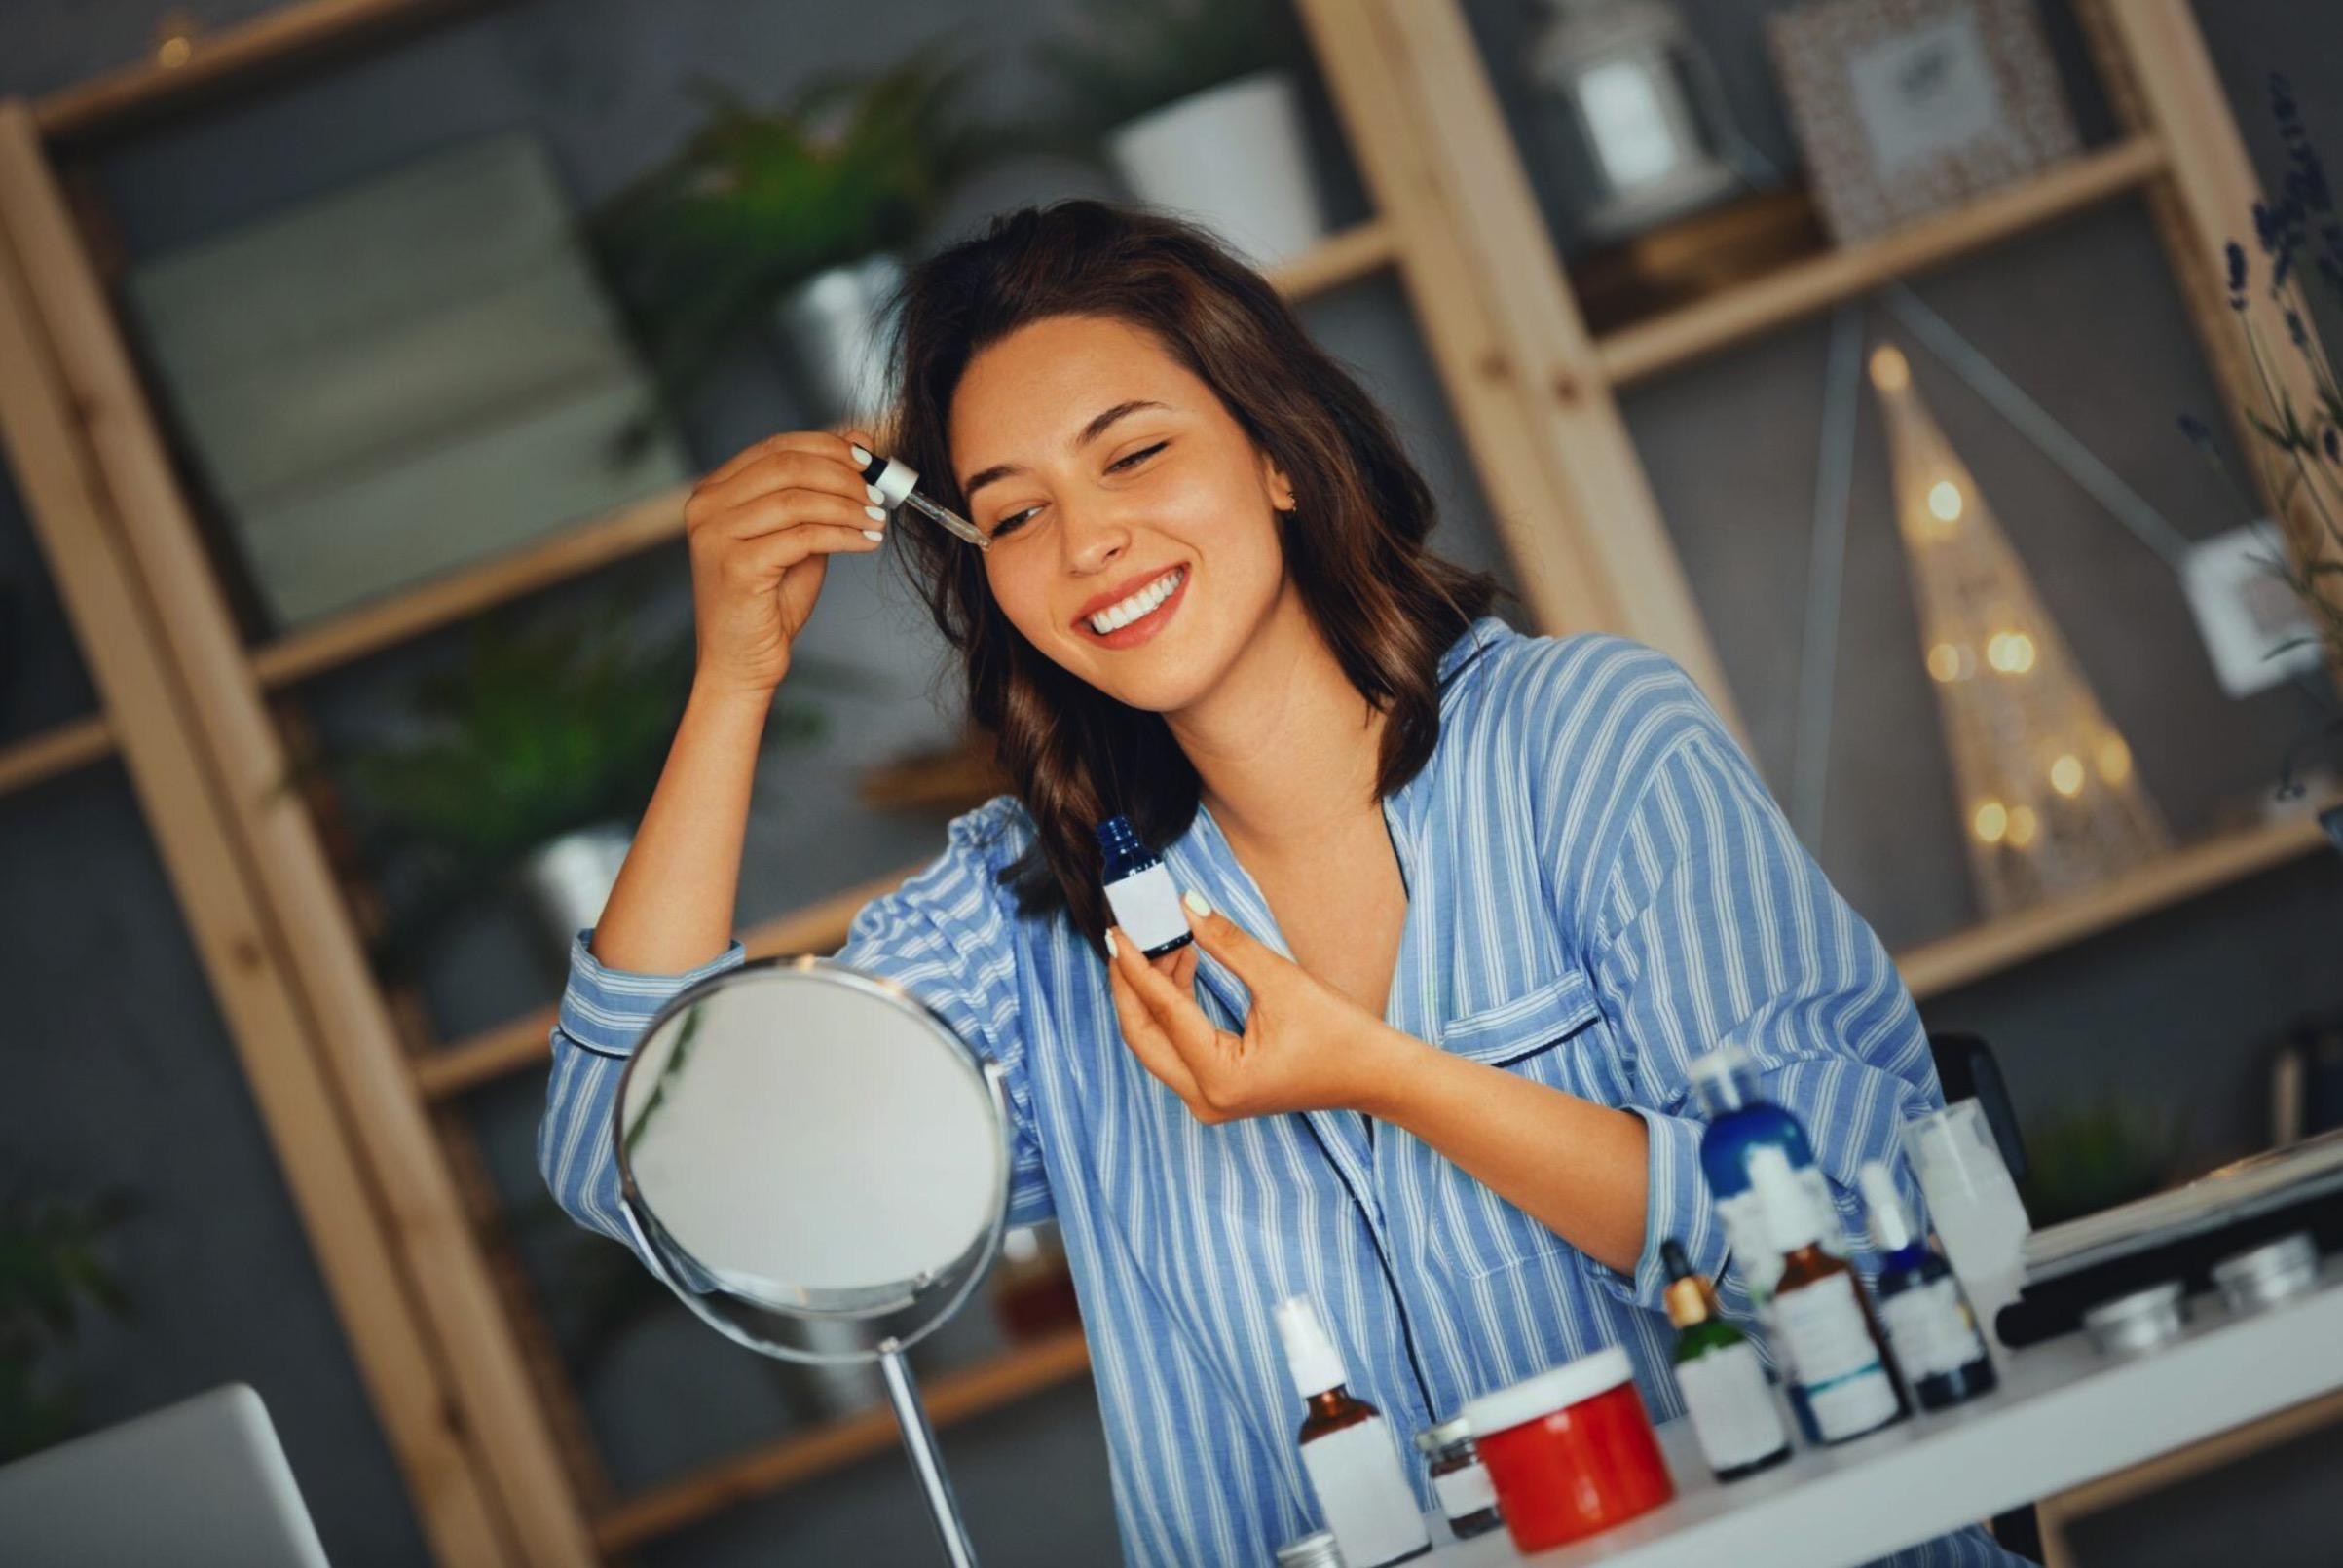 Mejores serums faciales para mujeres de 40 años